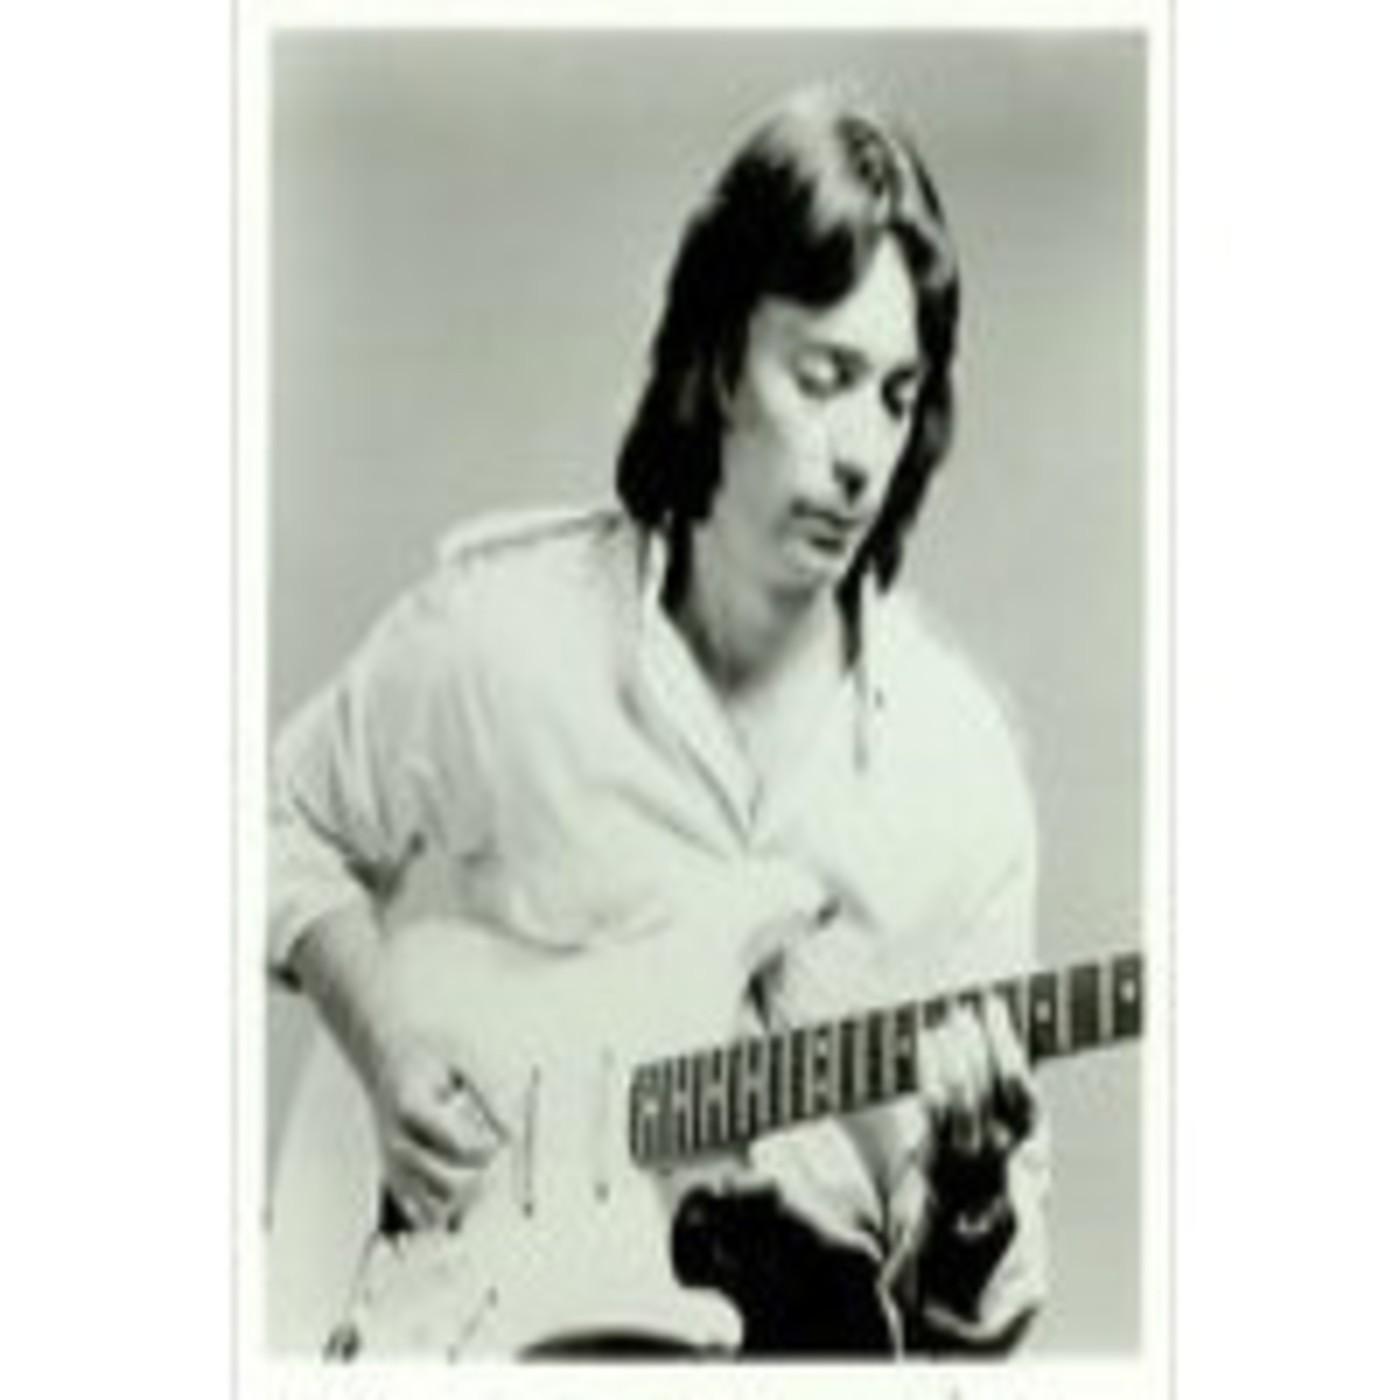 STEVE HACKETT: Guitarras en el Horizonte.